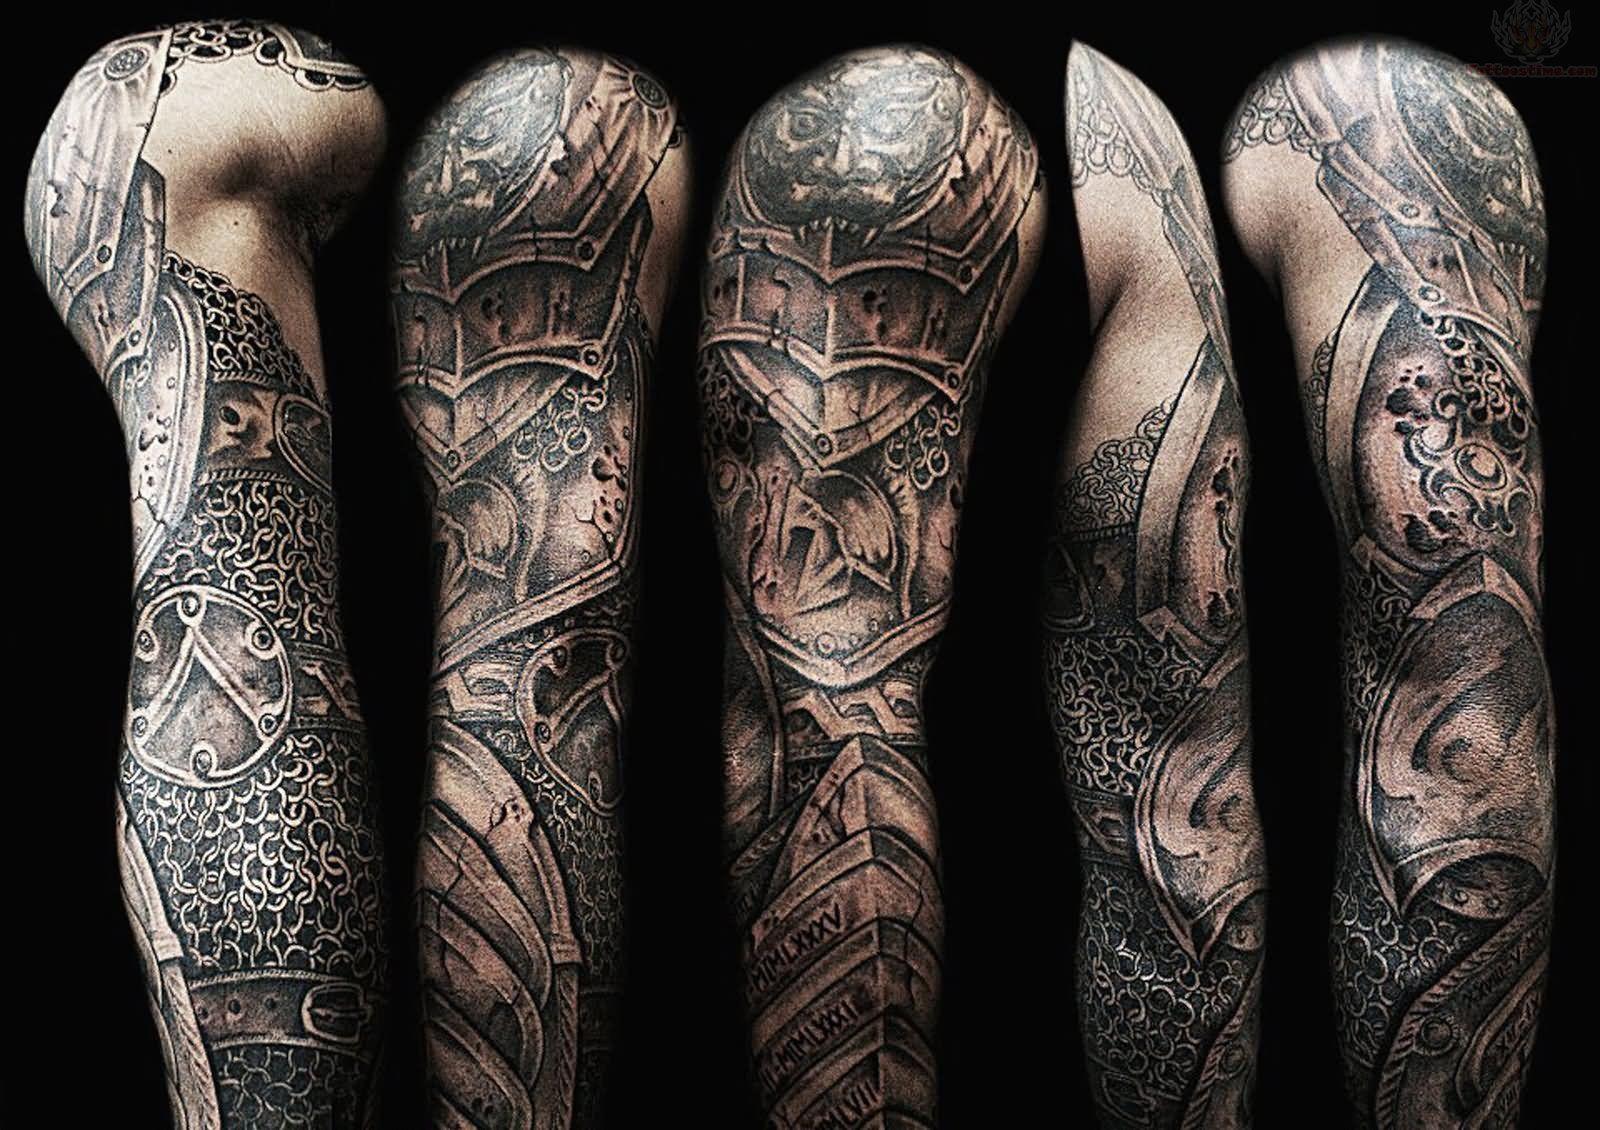 Viking, sleeve tattoo on Armor sleeve